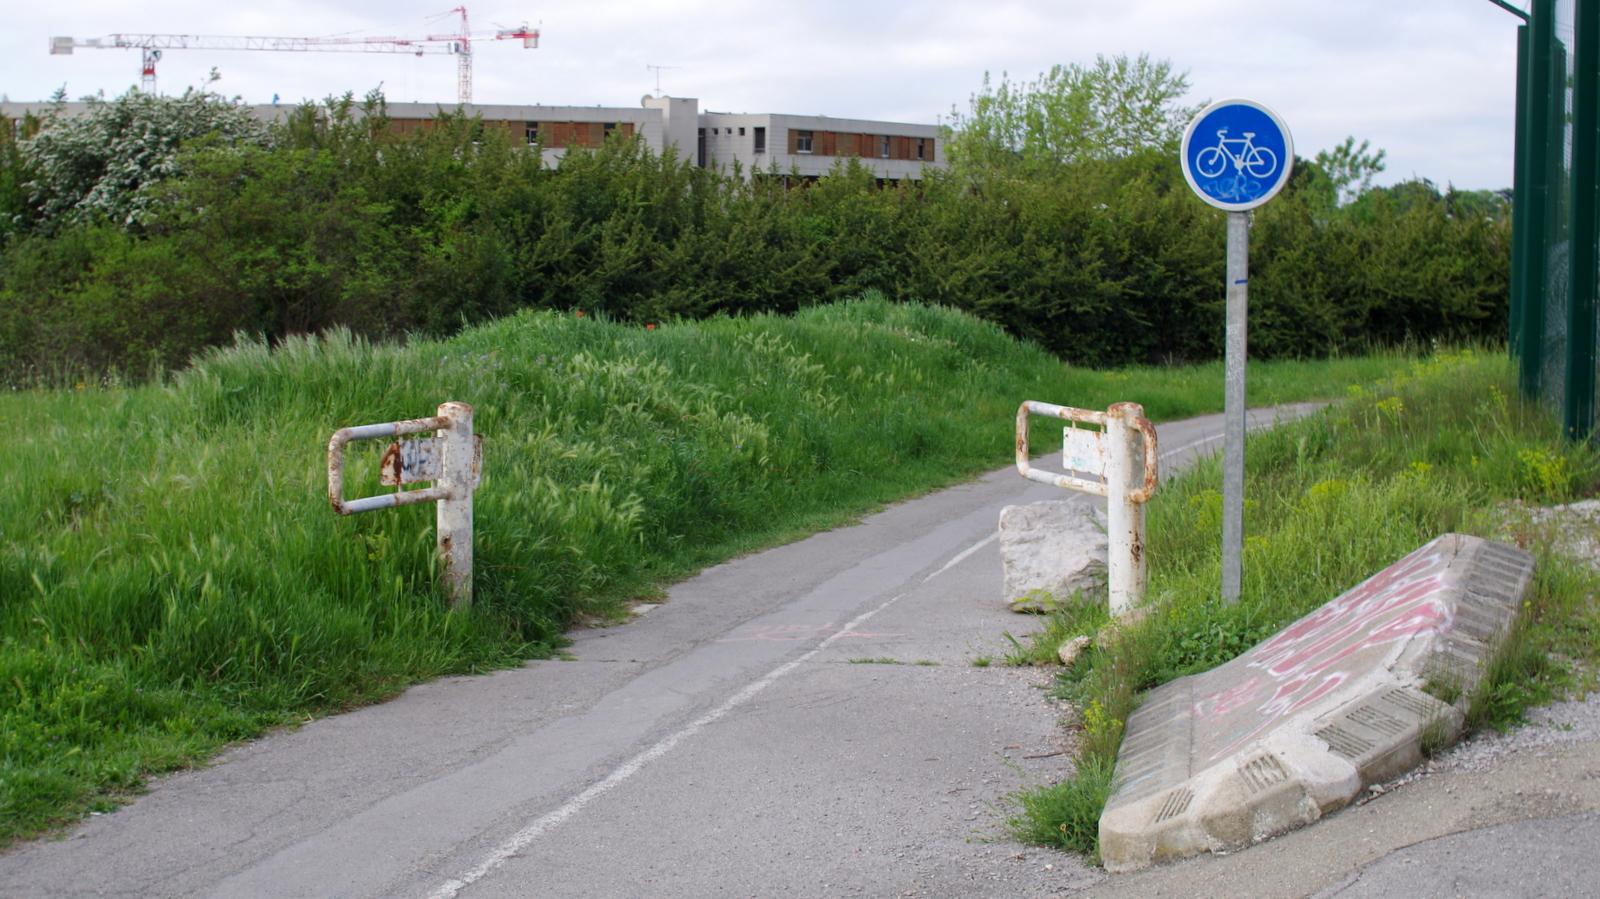 Sortir du cadre – Les pistes cyclables